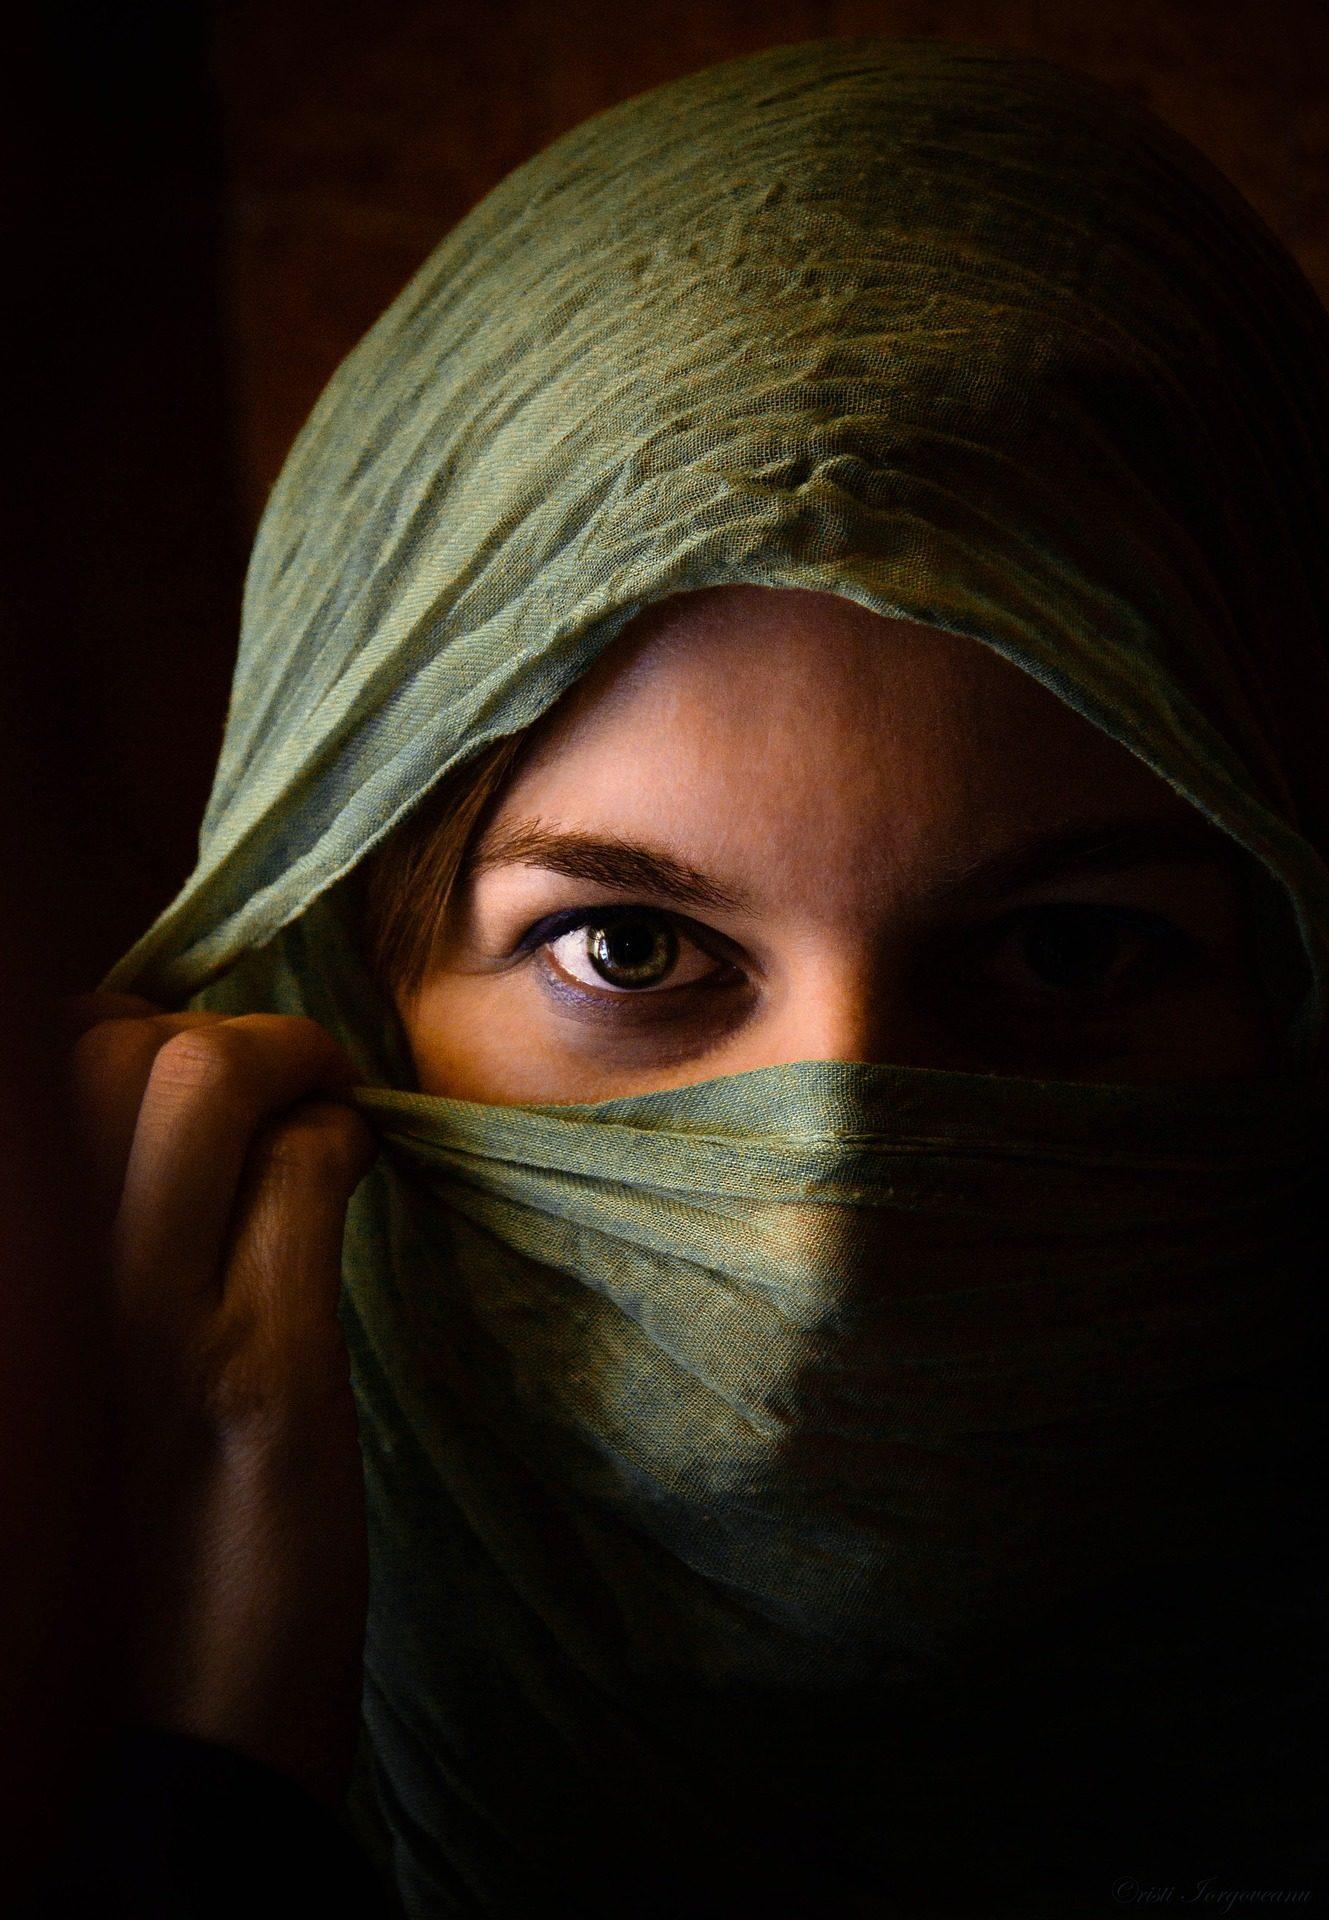 女性, 目, ベール, fular, 外観 - HD の壁紙 - 教授-falken.com